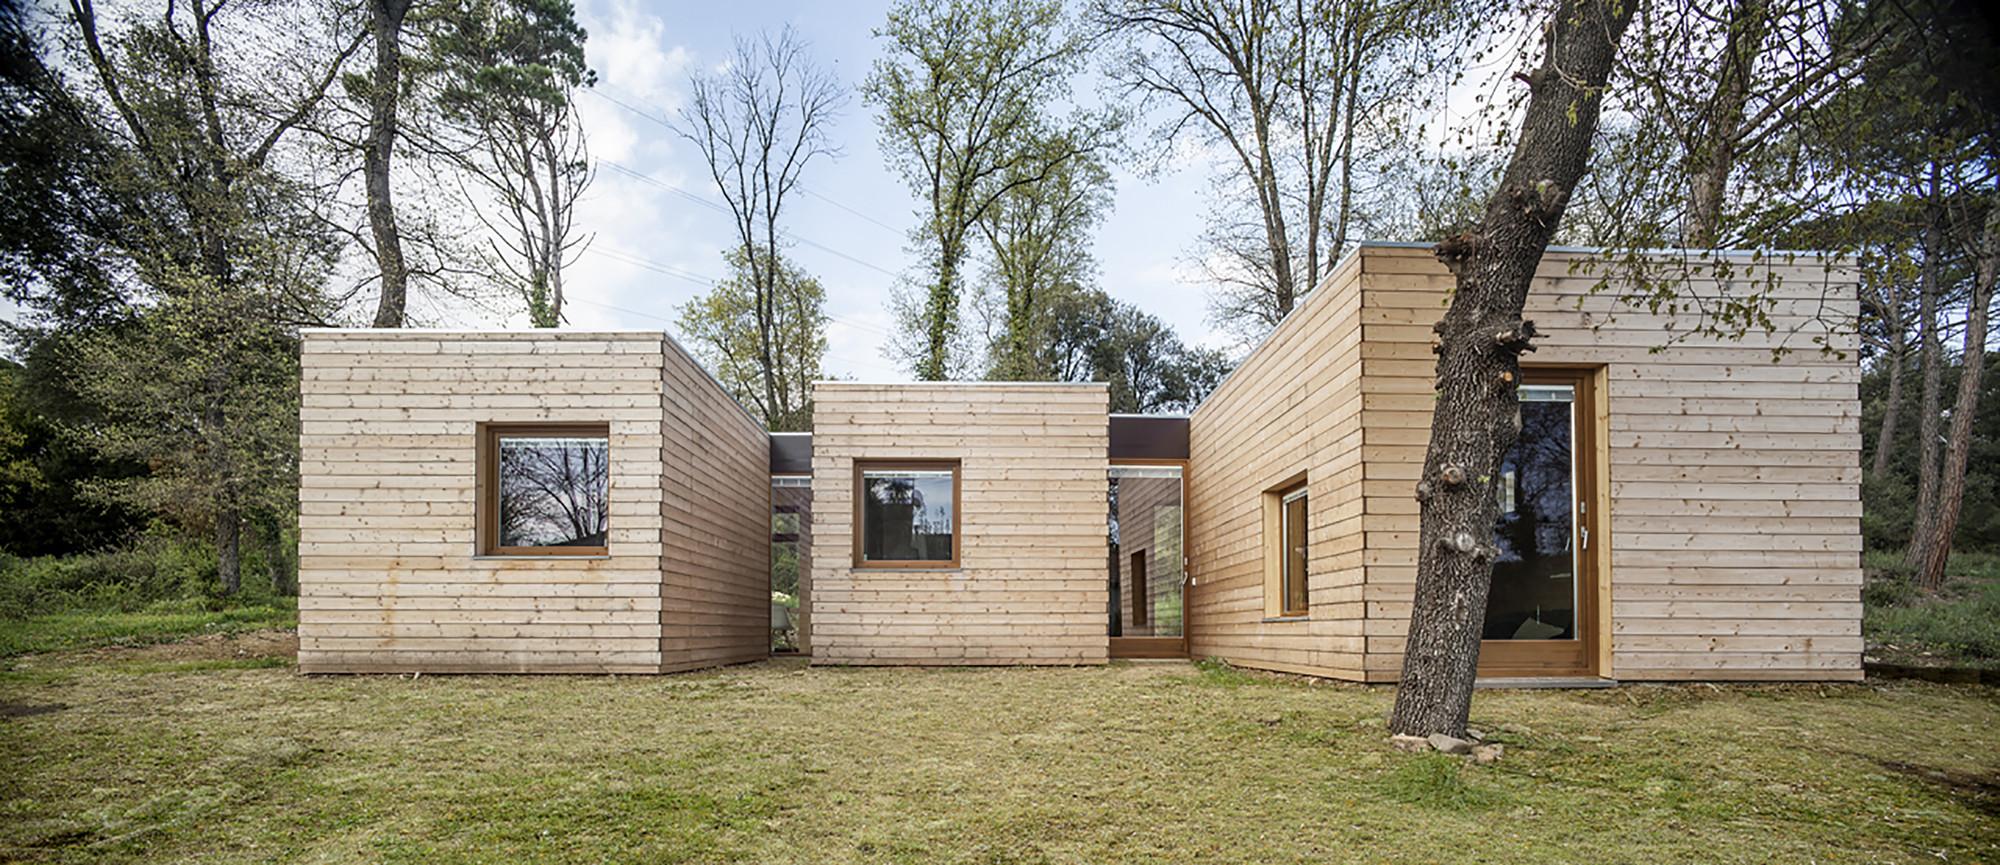 GG Bioclimatic House / Alventosa Morell Arquitectes , © Adrià Goula